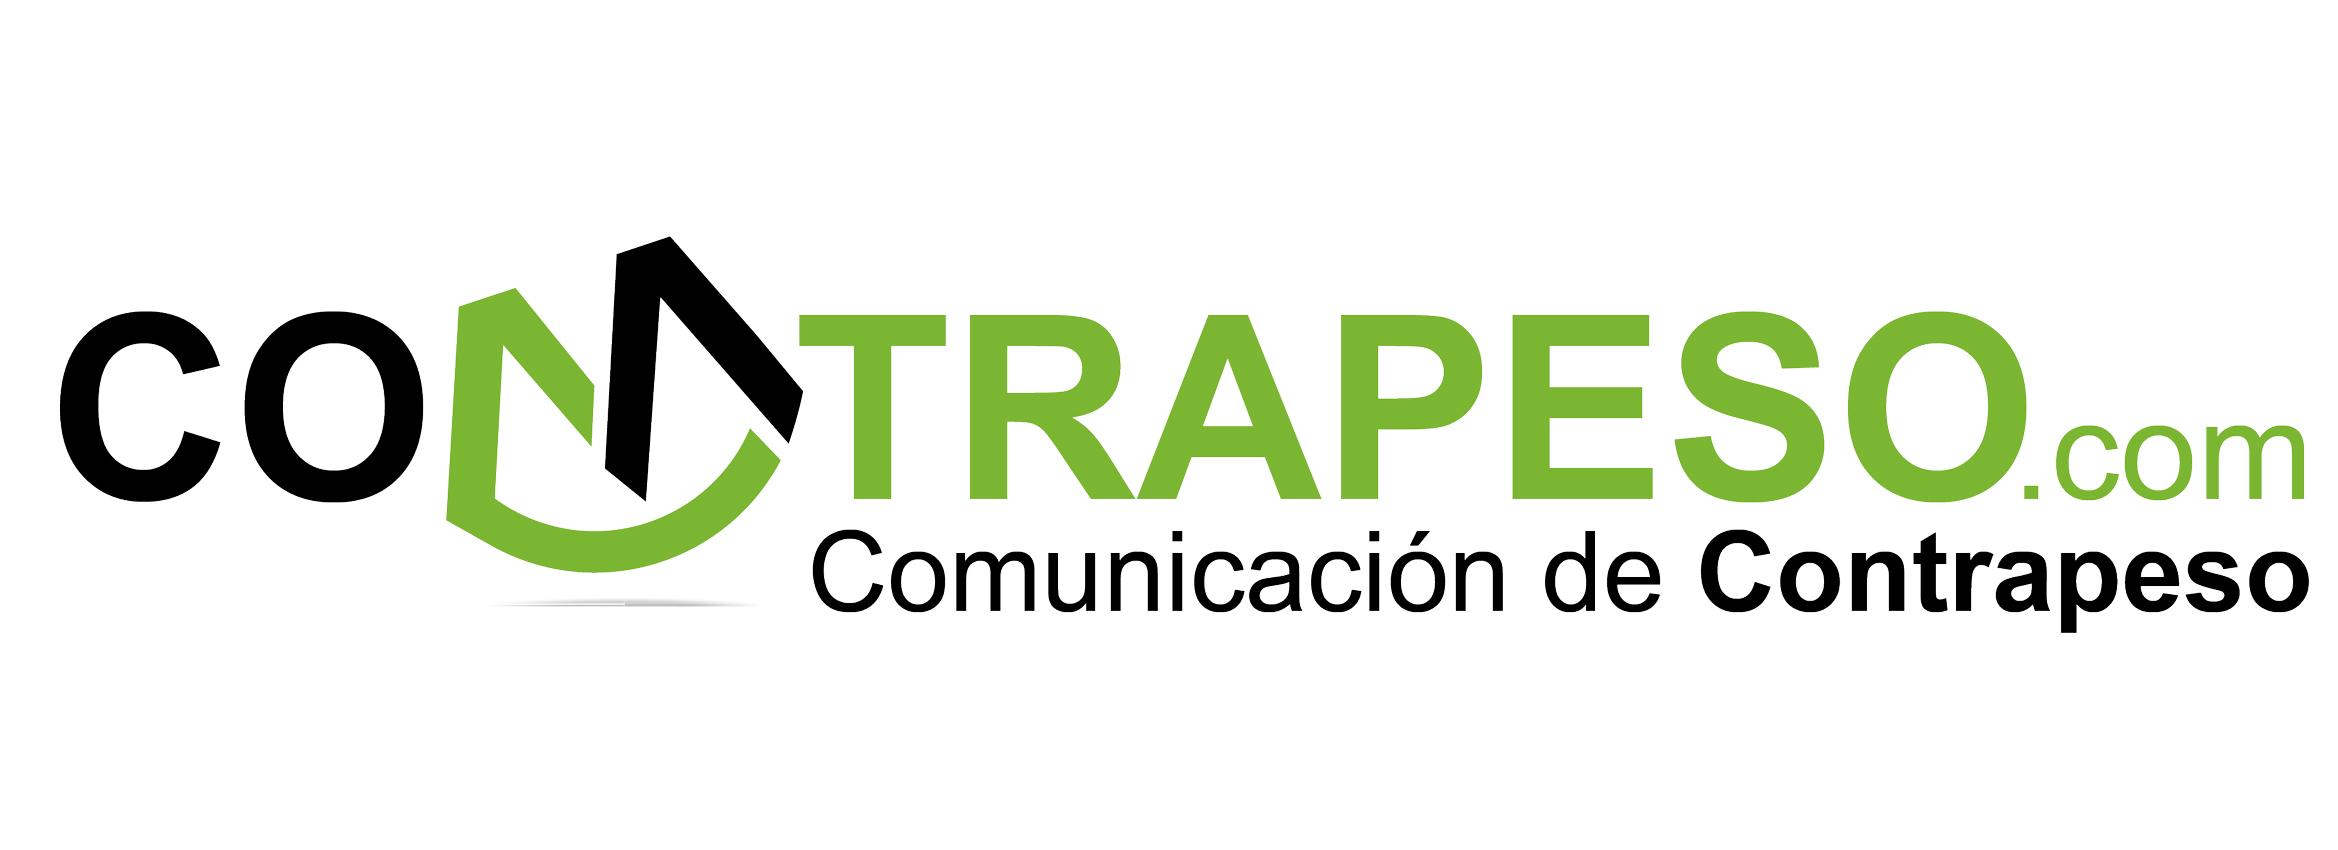 Comtrapeso - Web Periodico